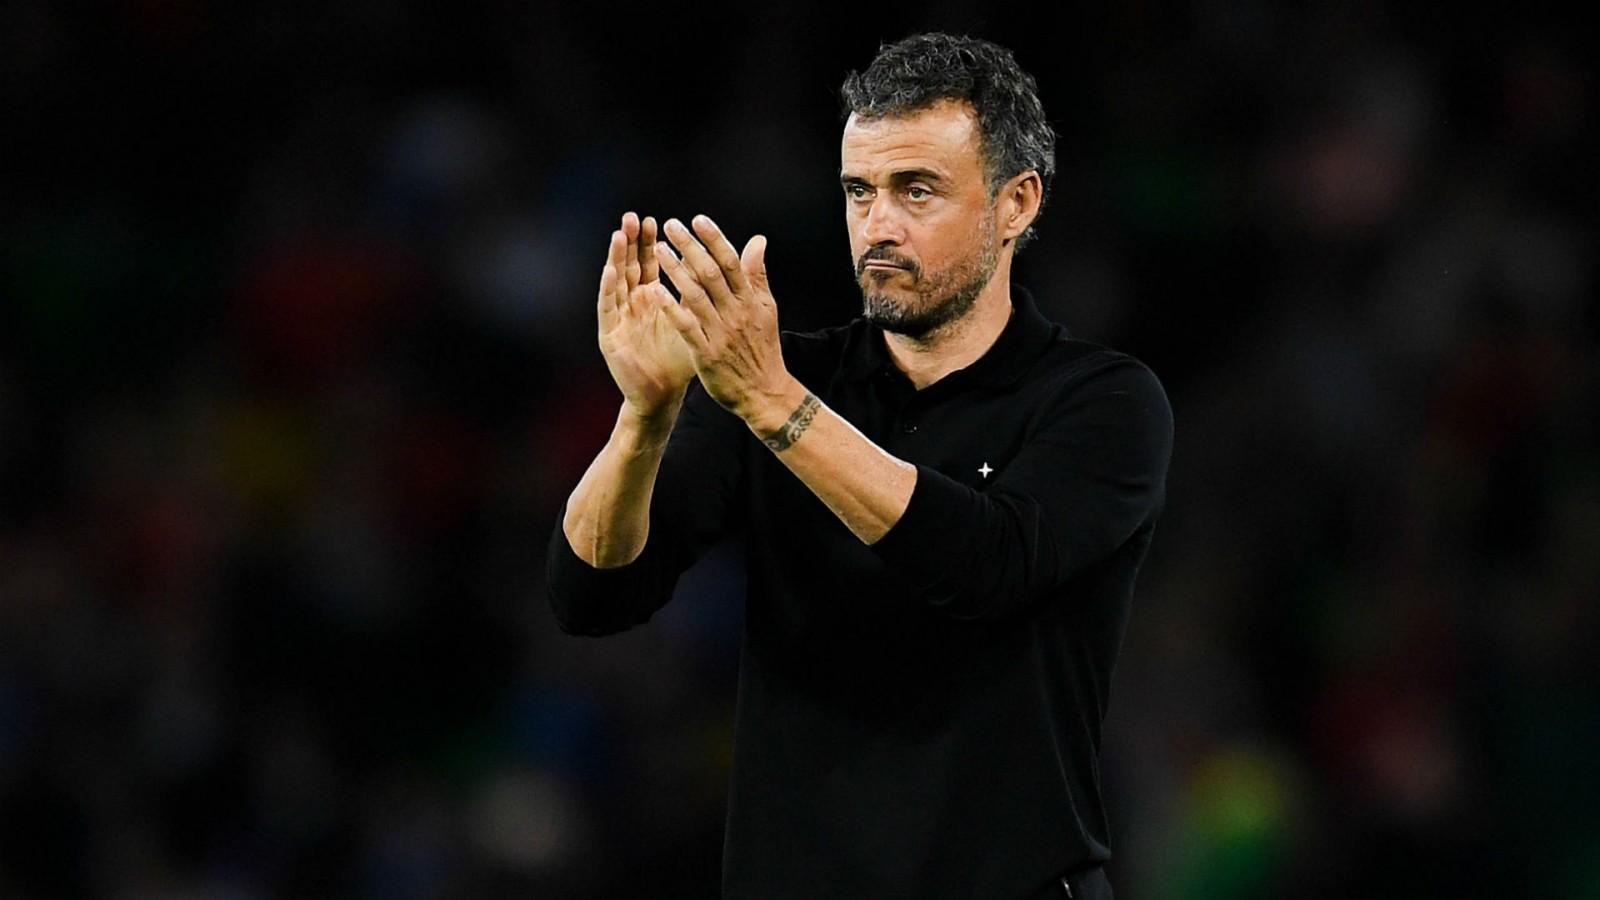 بعد فترة توقف بسبب مرض ابنته بالسرطان...إنريكي يعود للاشراف على المنتخب الإسباني